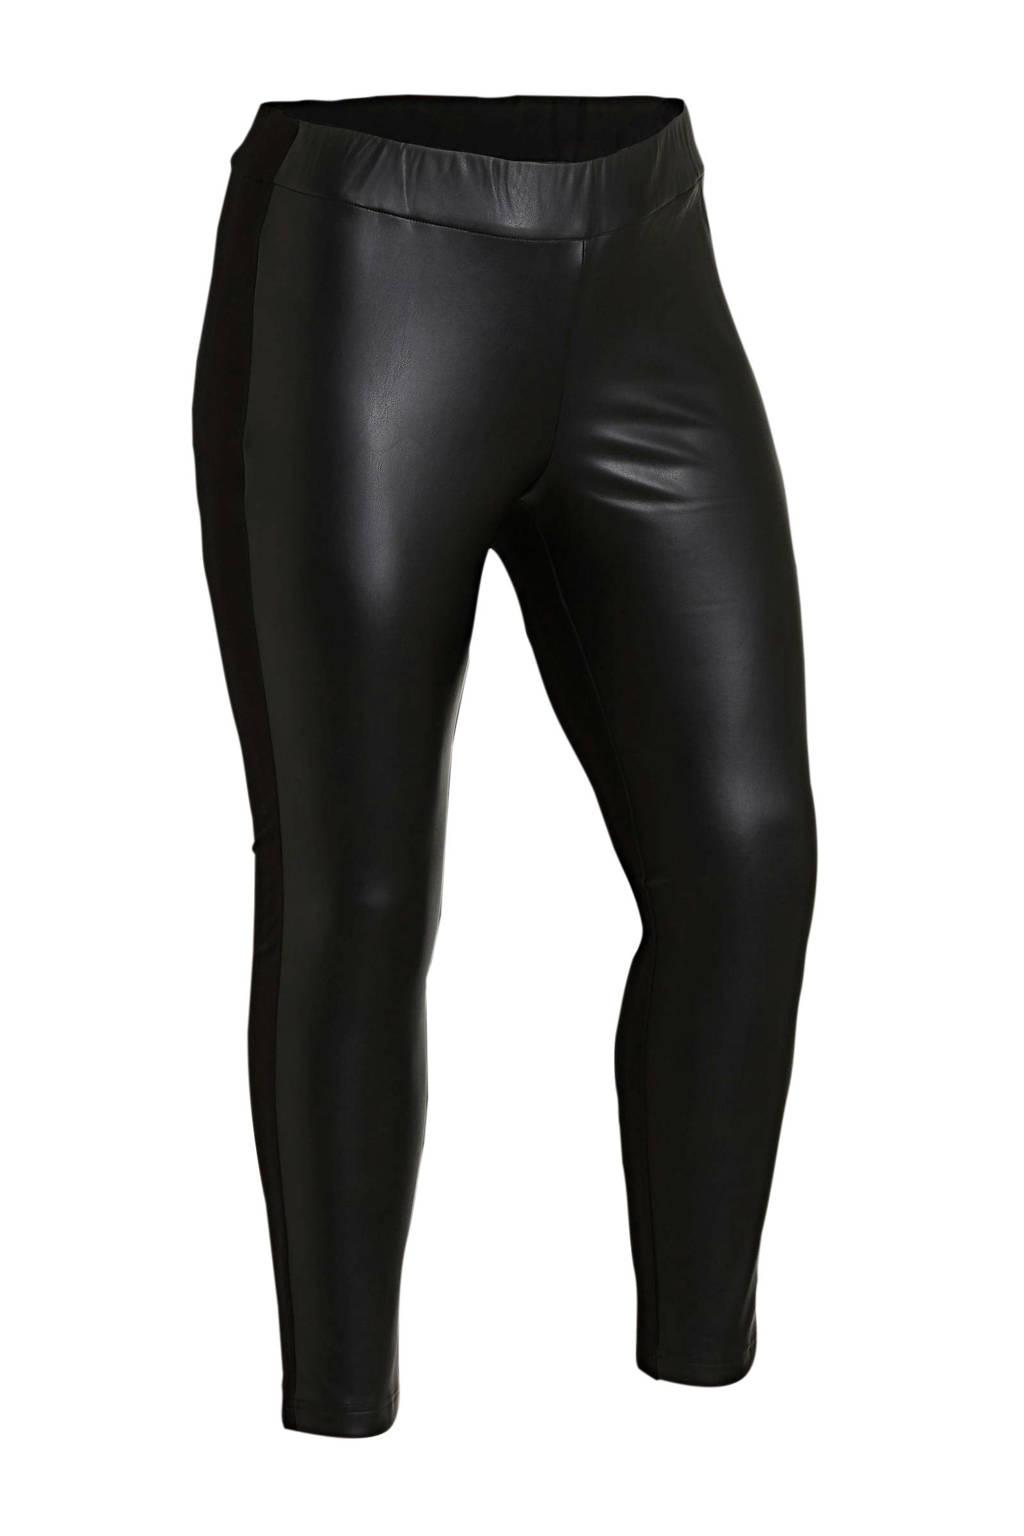 Tom Tailor My True Me coated legging zwart, Zwart